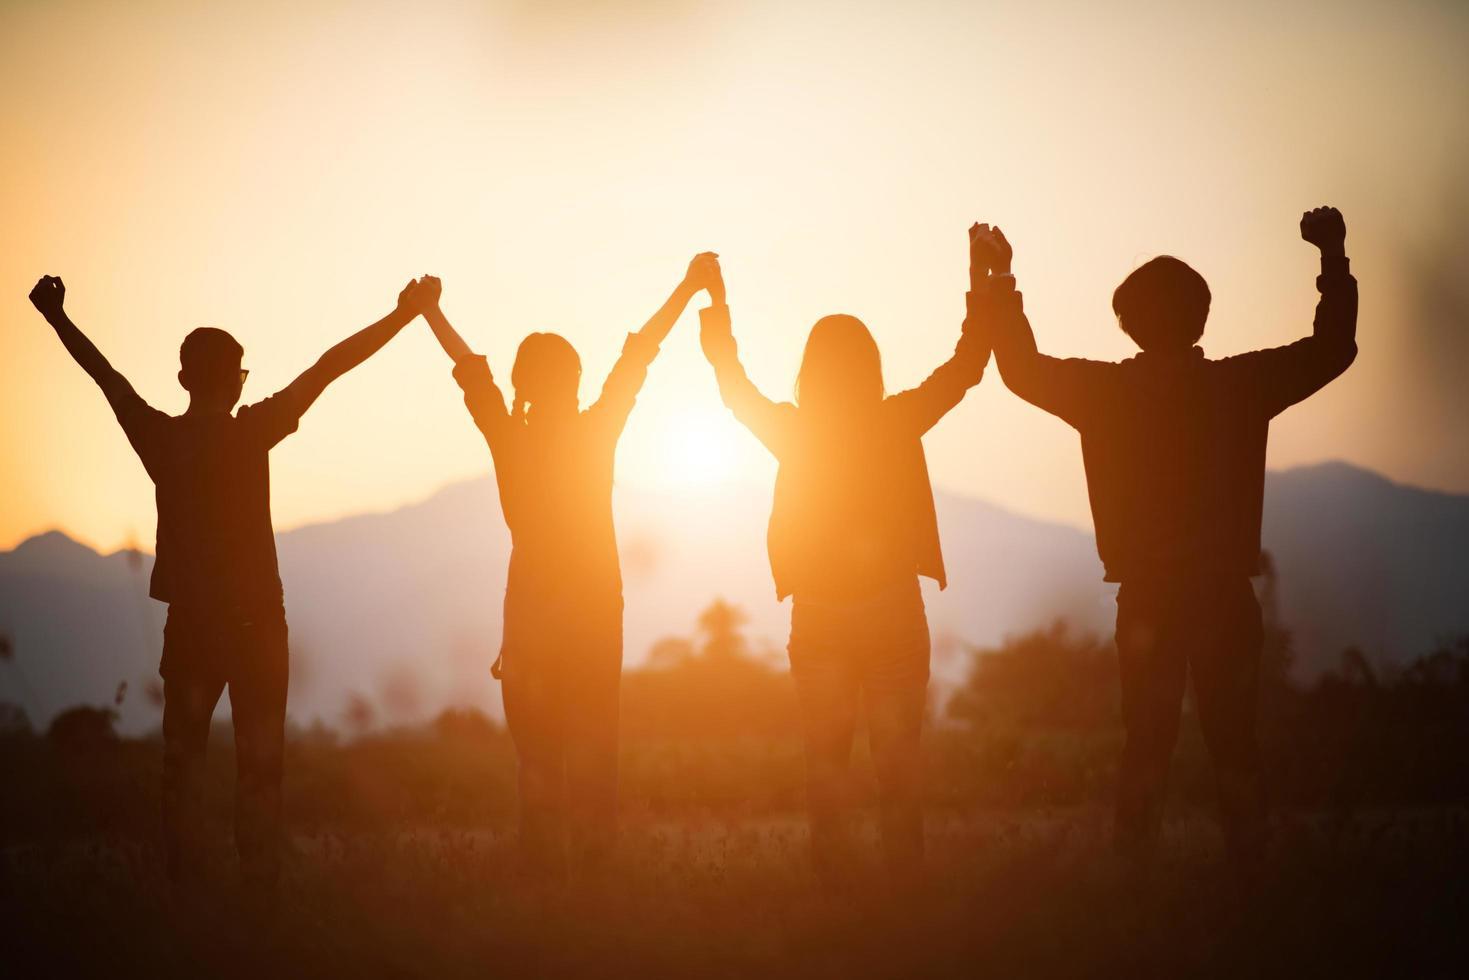 silueta de equipo feliz uniendo sus manos en el aire foto